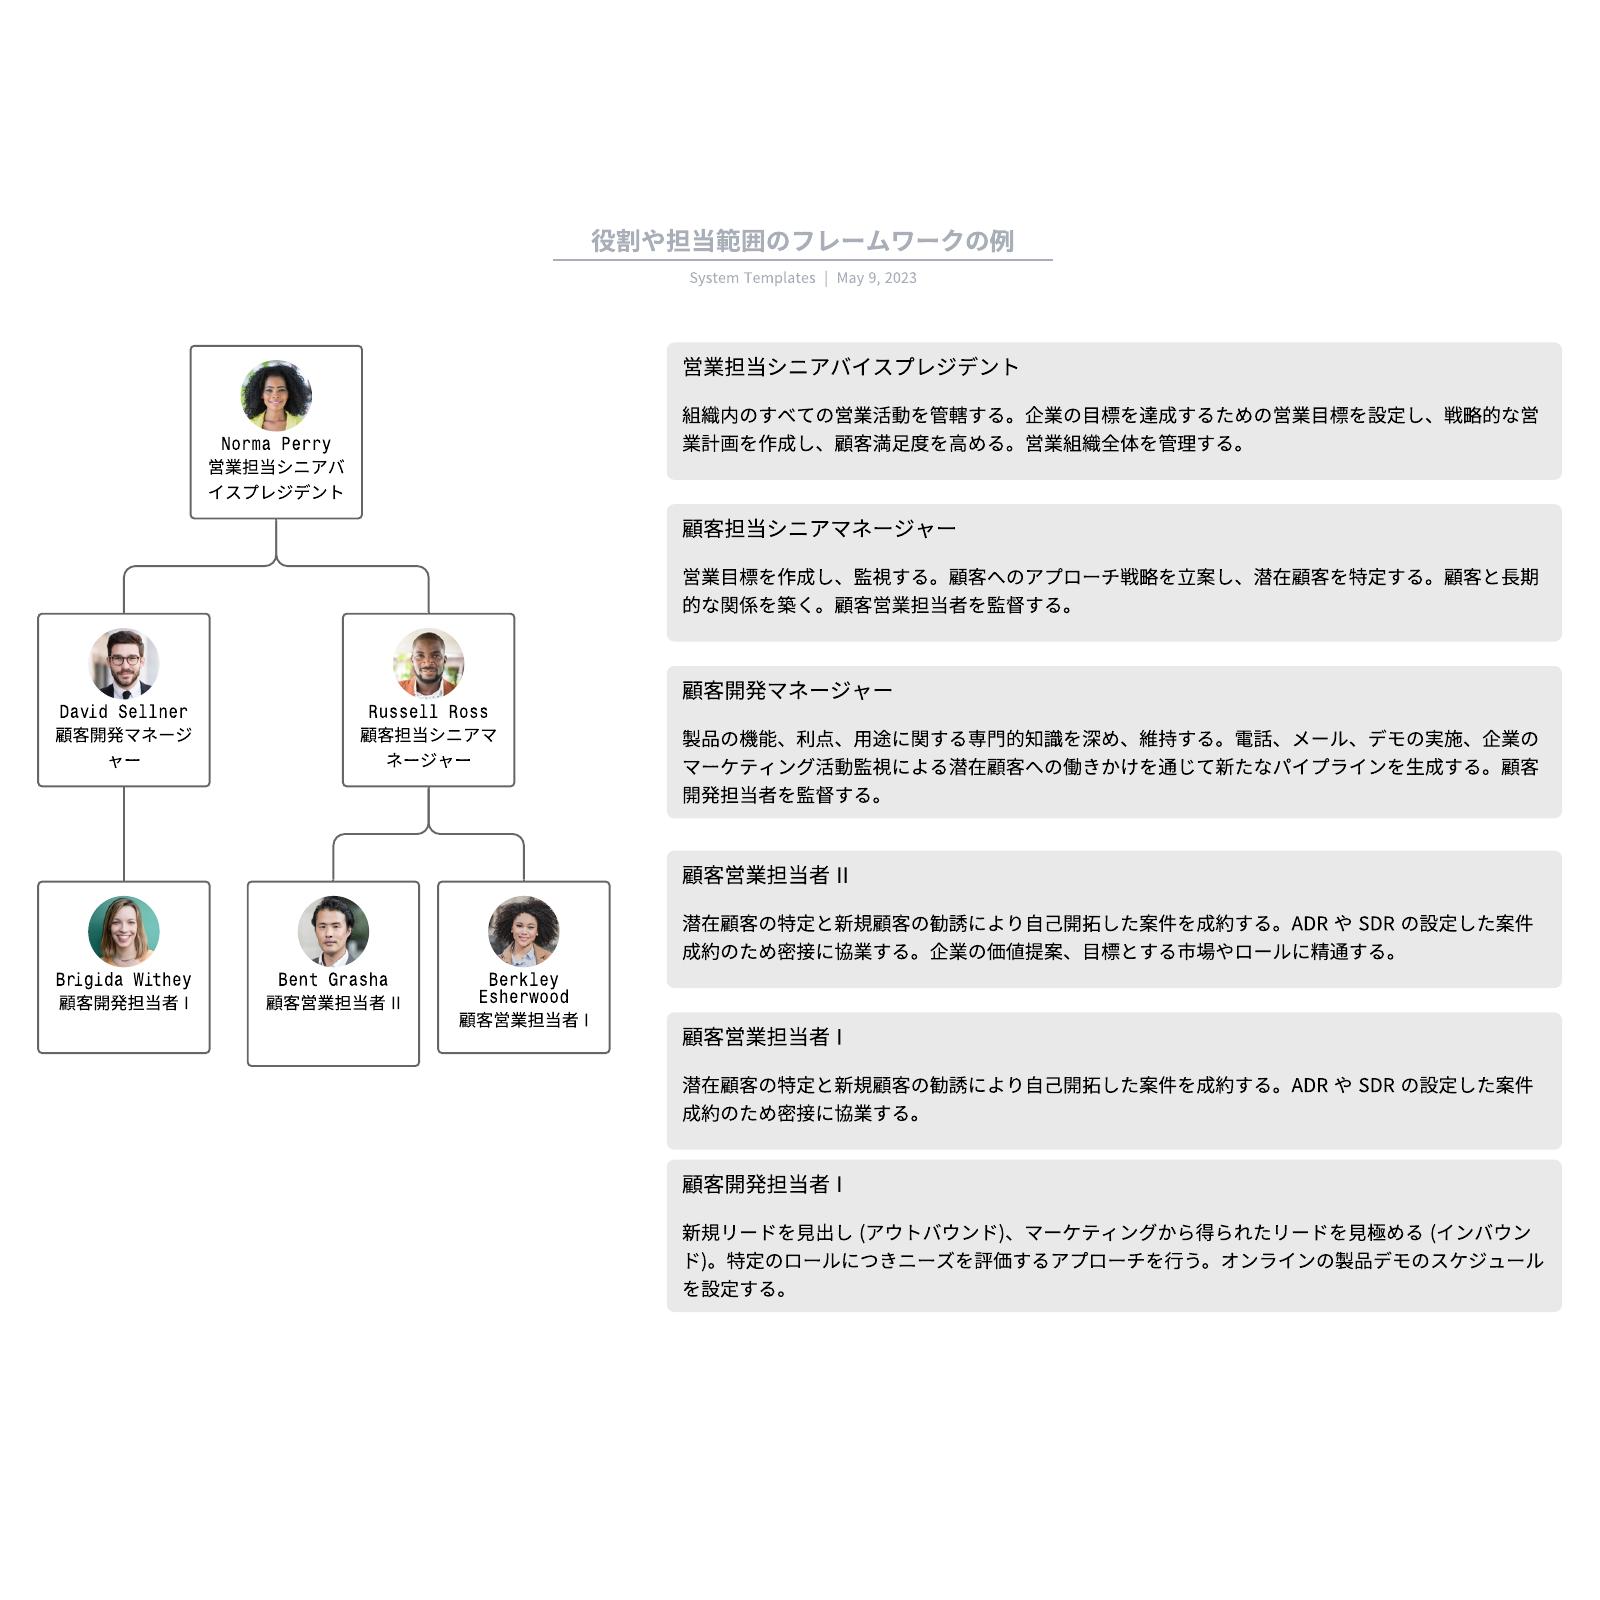 役割や担当範囲のフレームワークの例